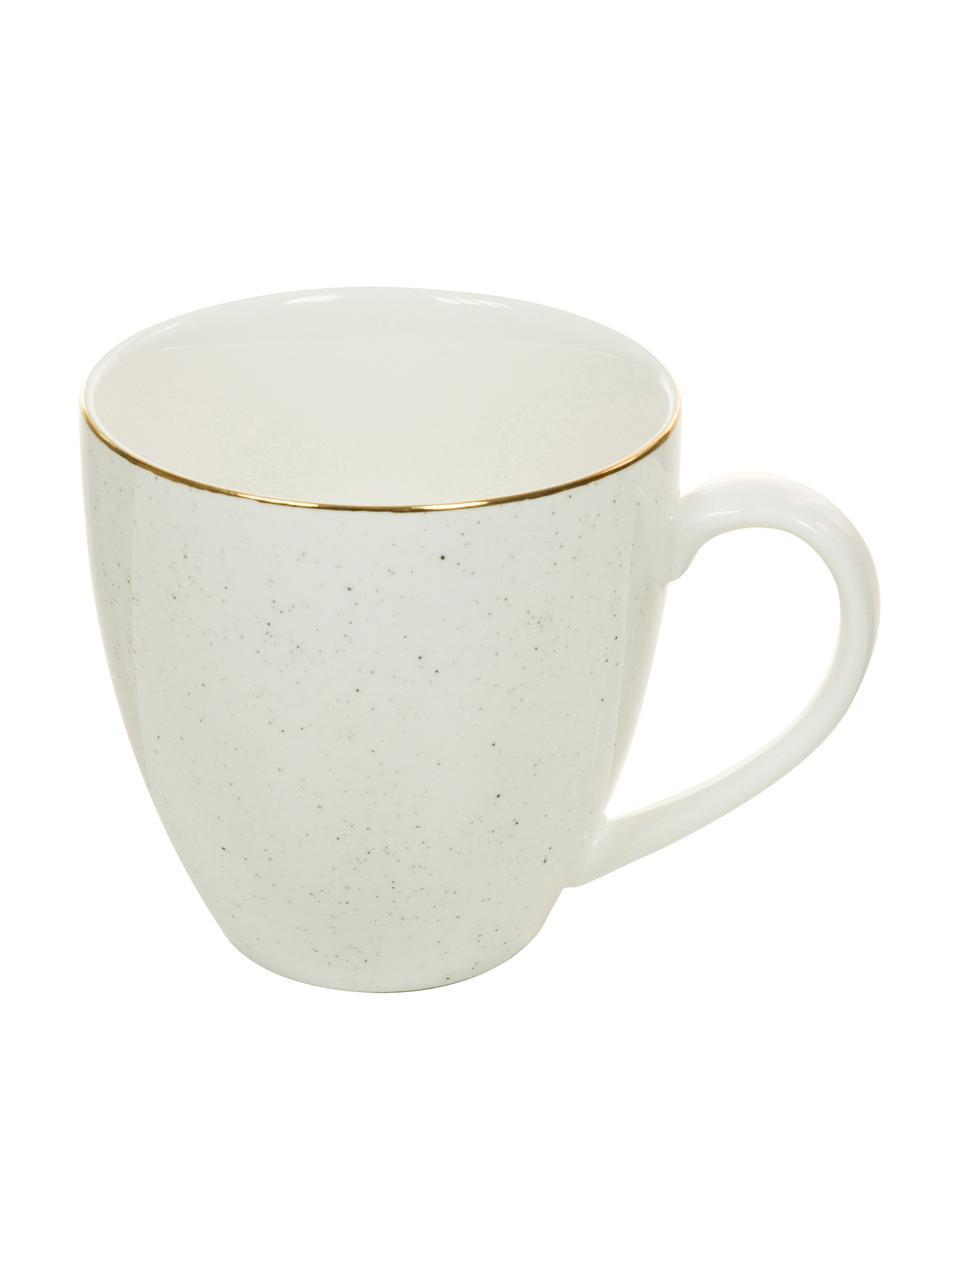 Handgemachte Kaffeetassen Bella mit Goldrand, 2 Stück, Porzellan, Cremeweiß, Ø 9 x H 9 cm